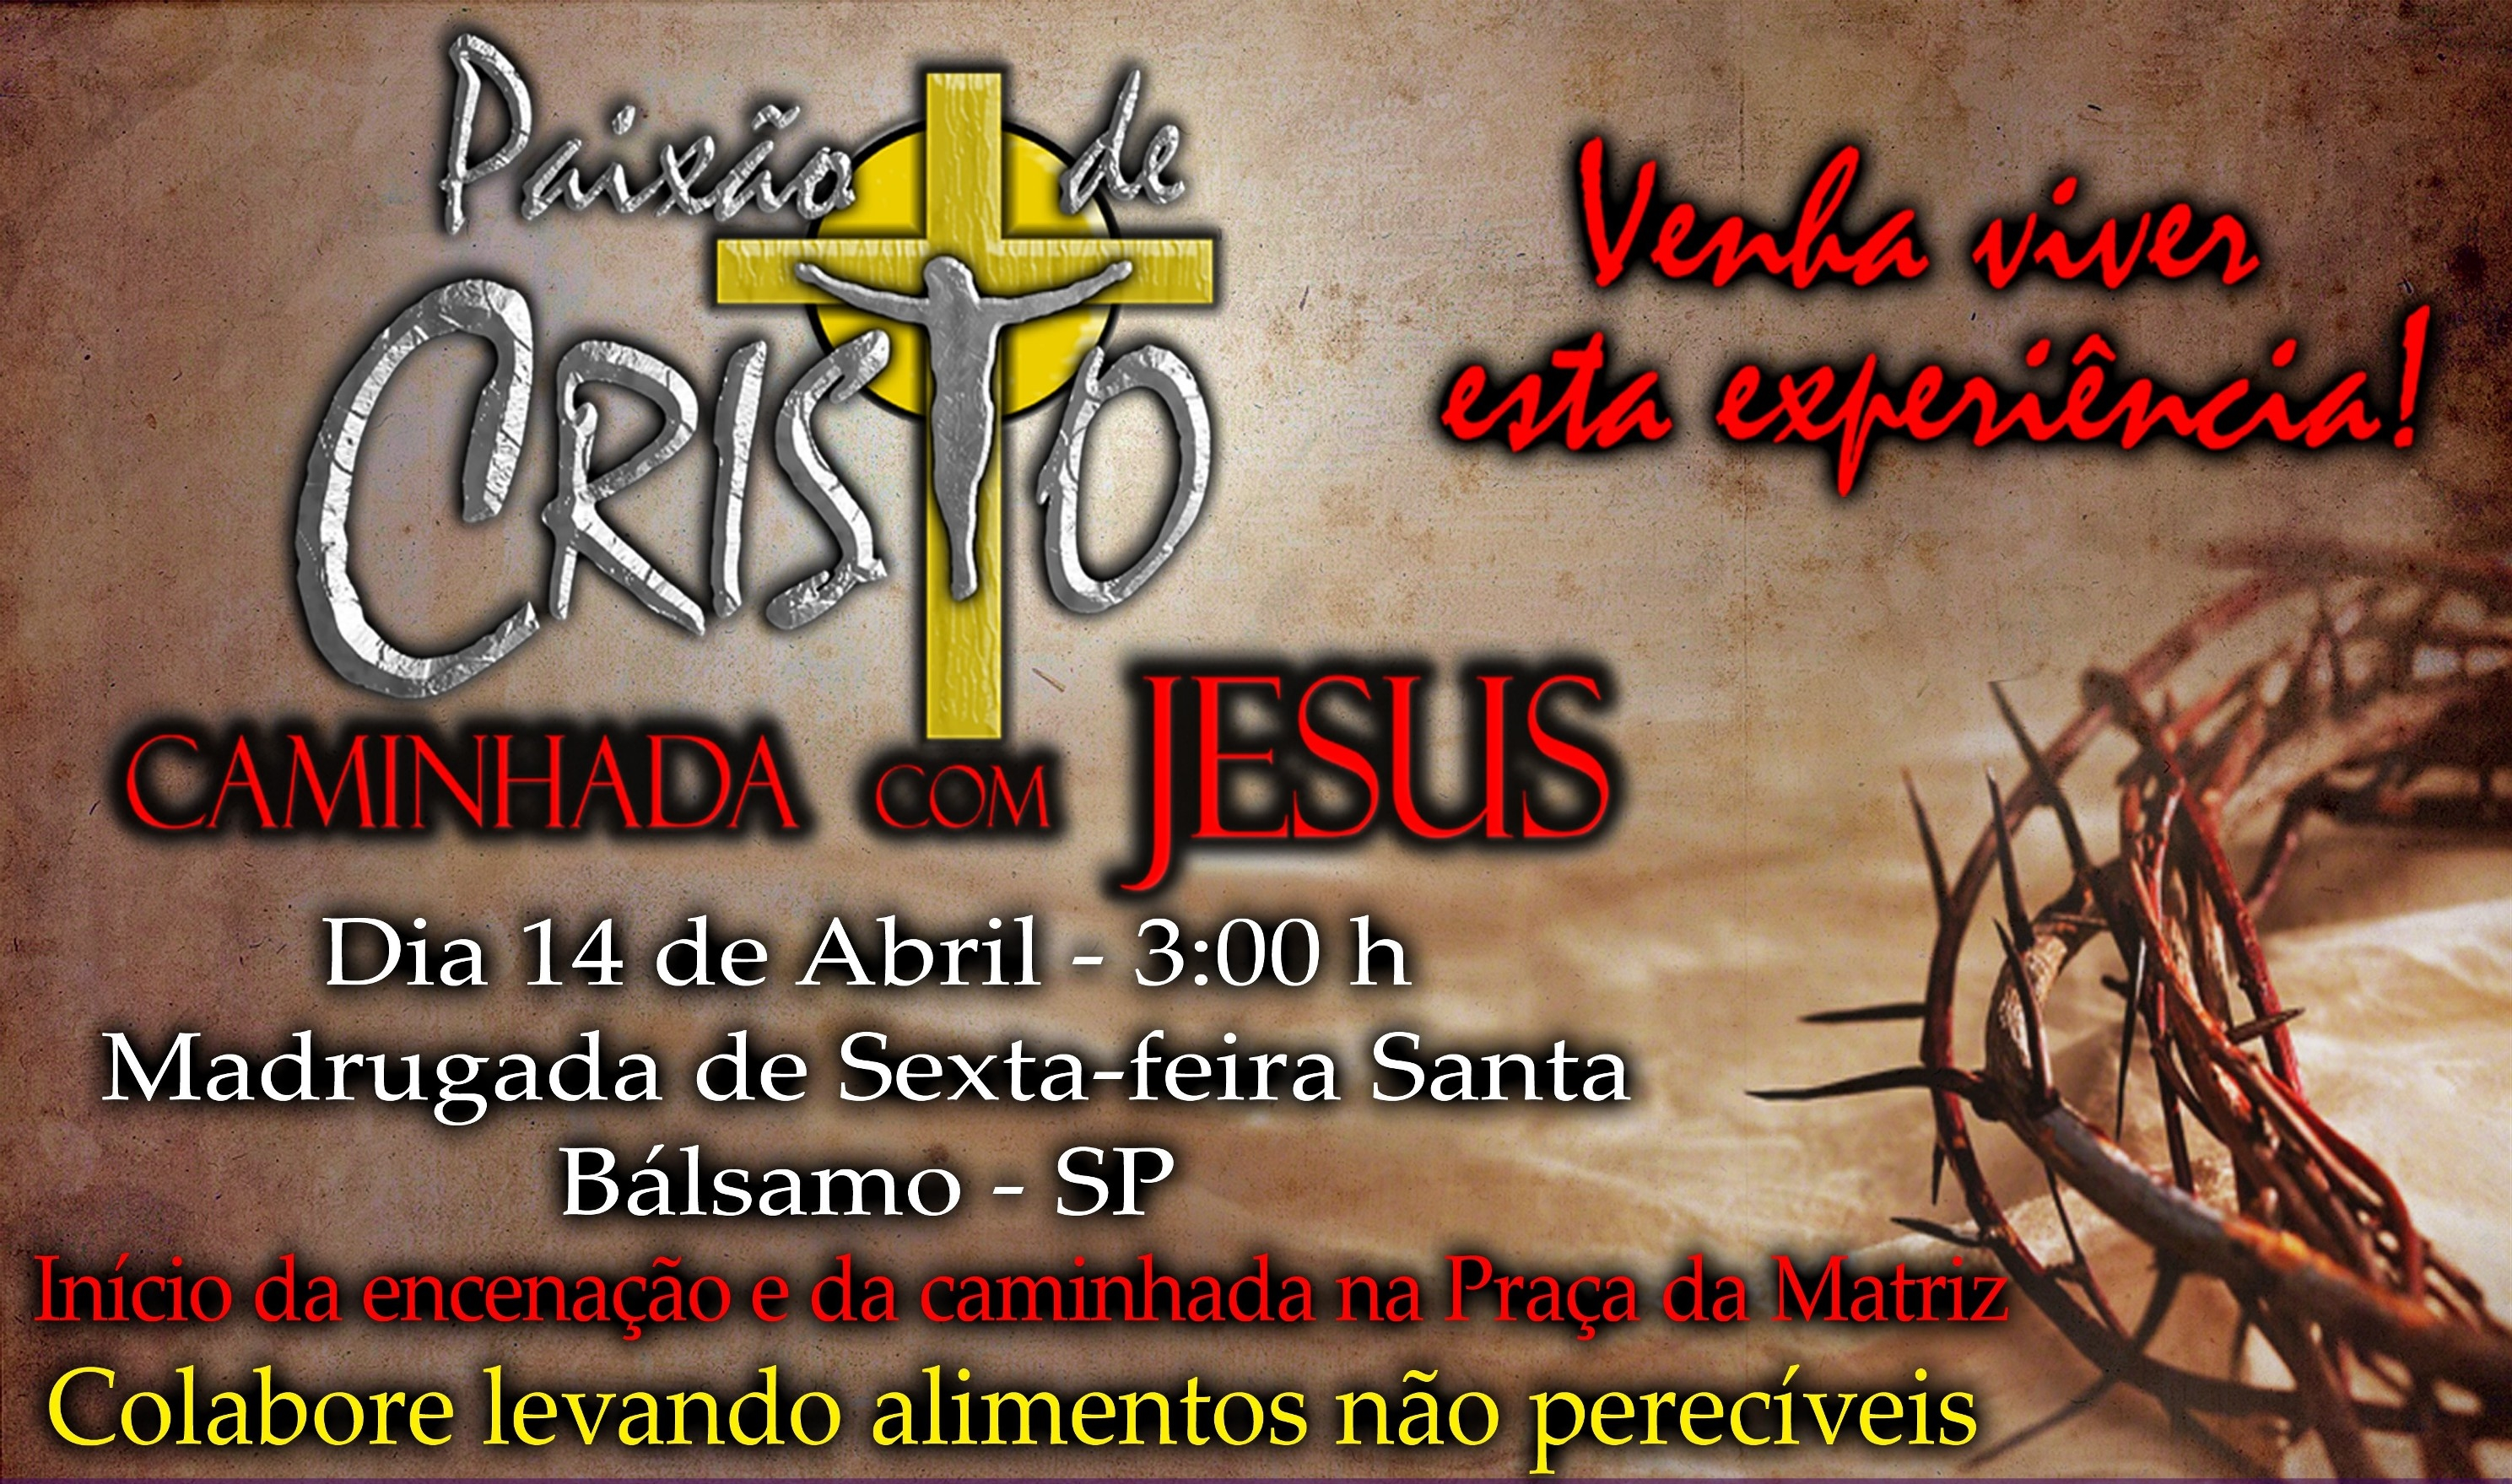 31ª Caminhada com Jesus